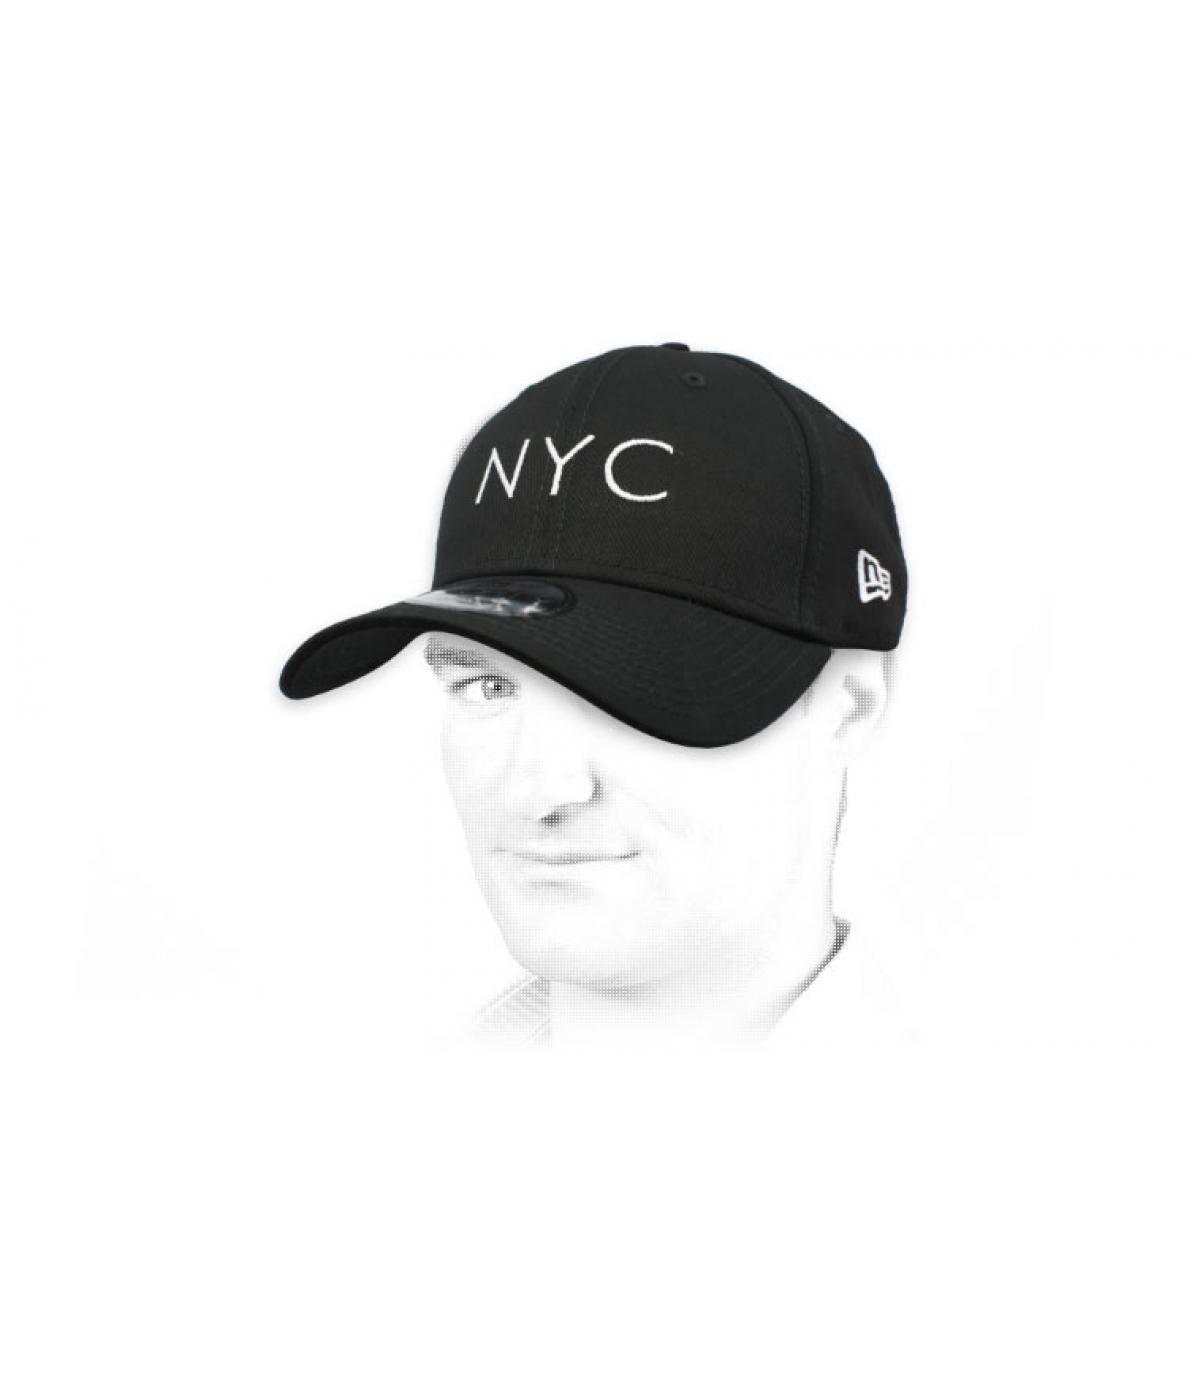 6ee95edd940 Trucker cap - American Cap - Online Store